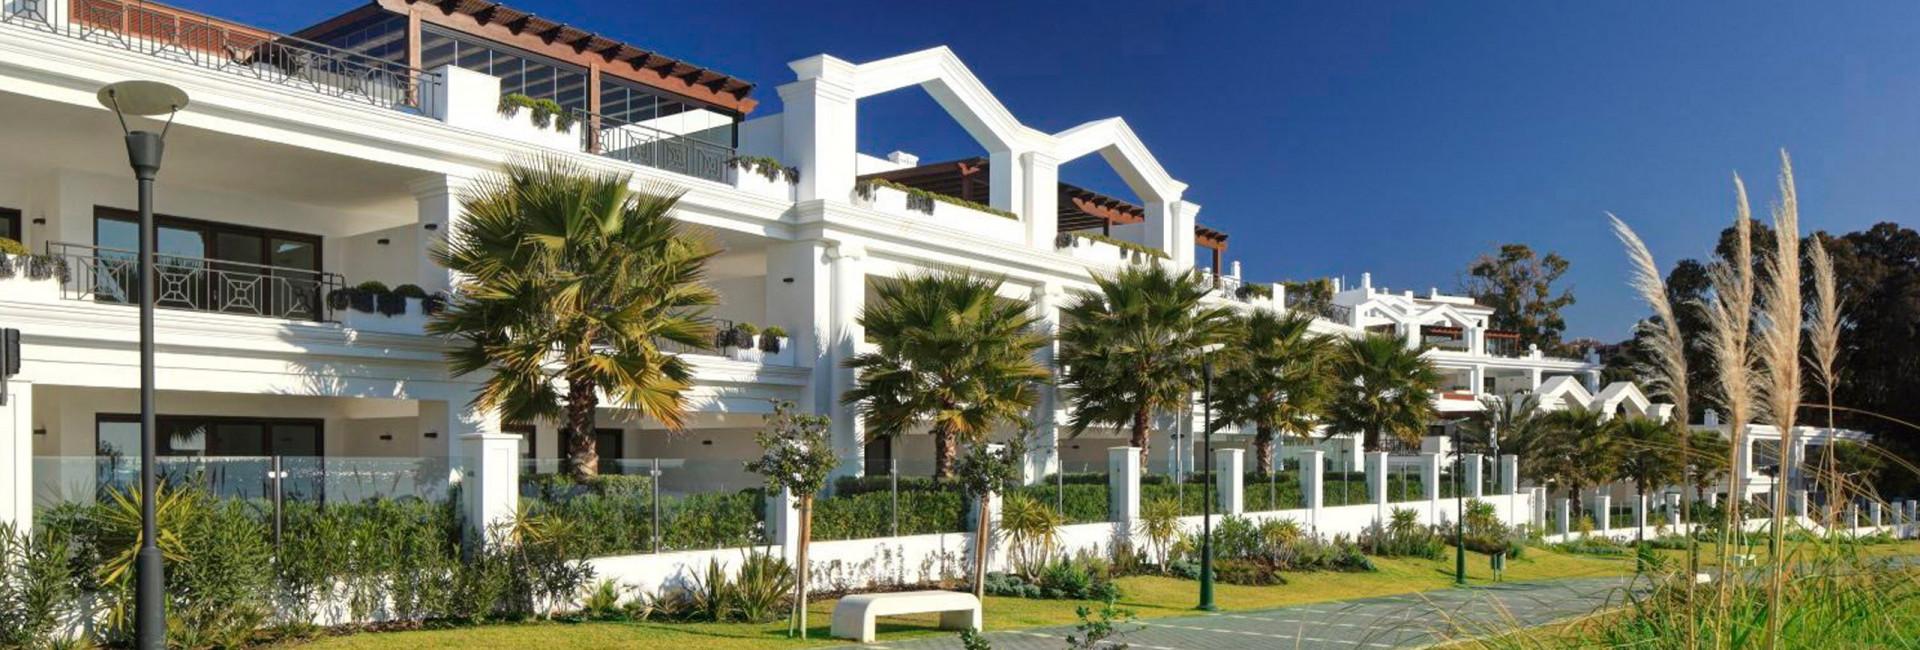 Квартира  на продаже в  Estepona Playa, Эстепона